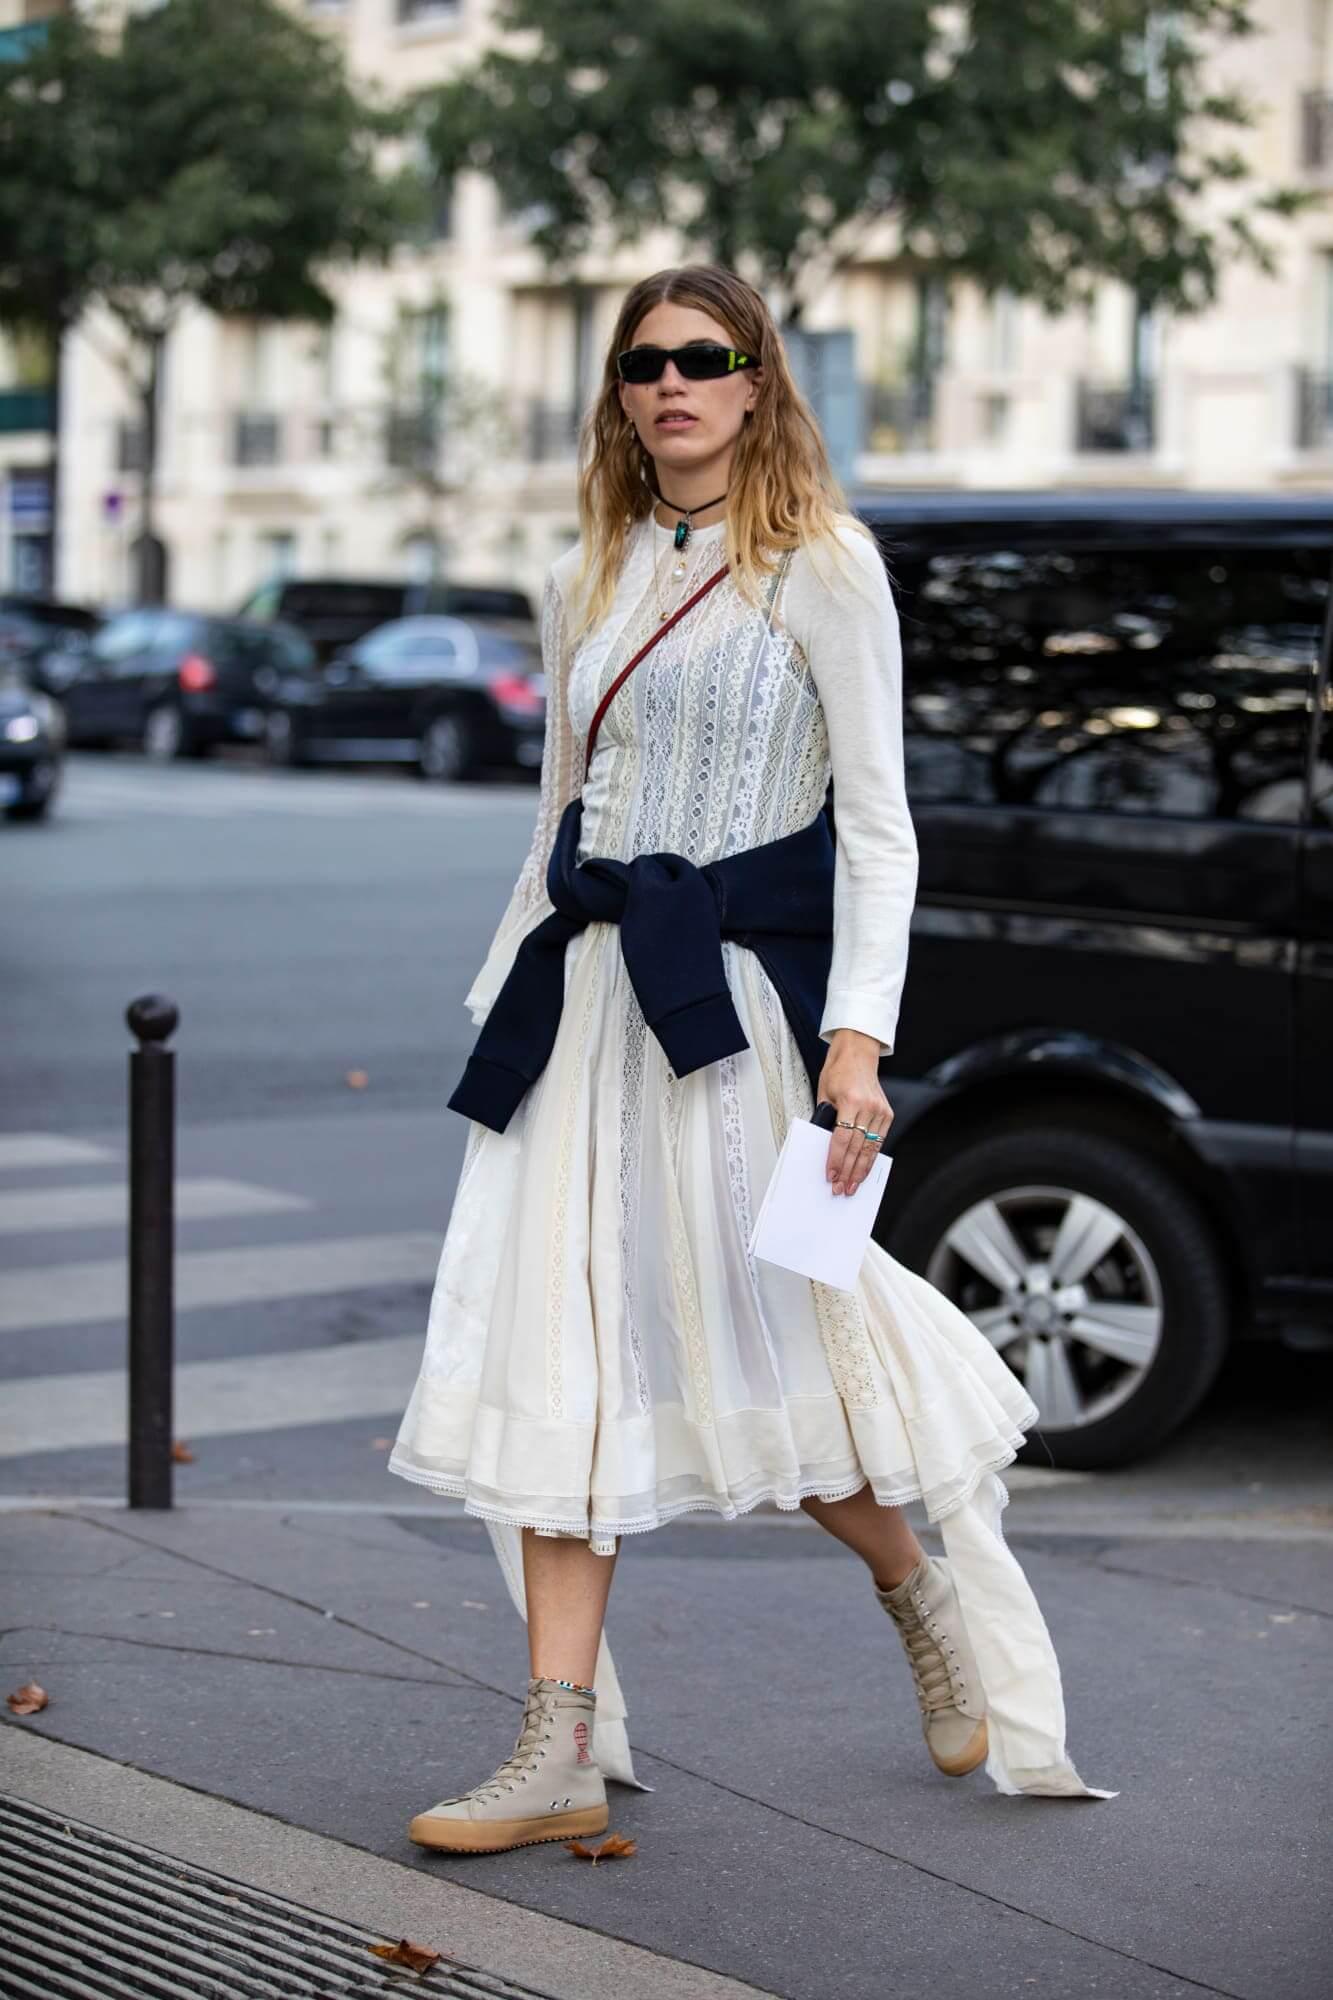 paris-fashion-week-spring-2019-street-style-day-9